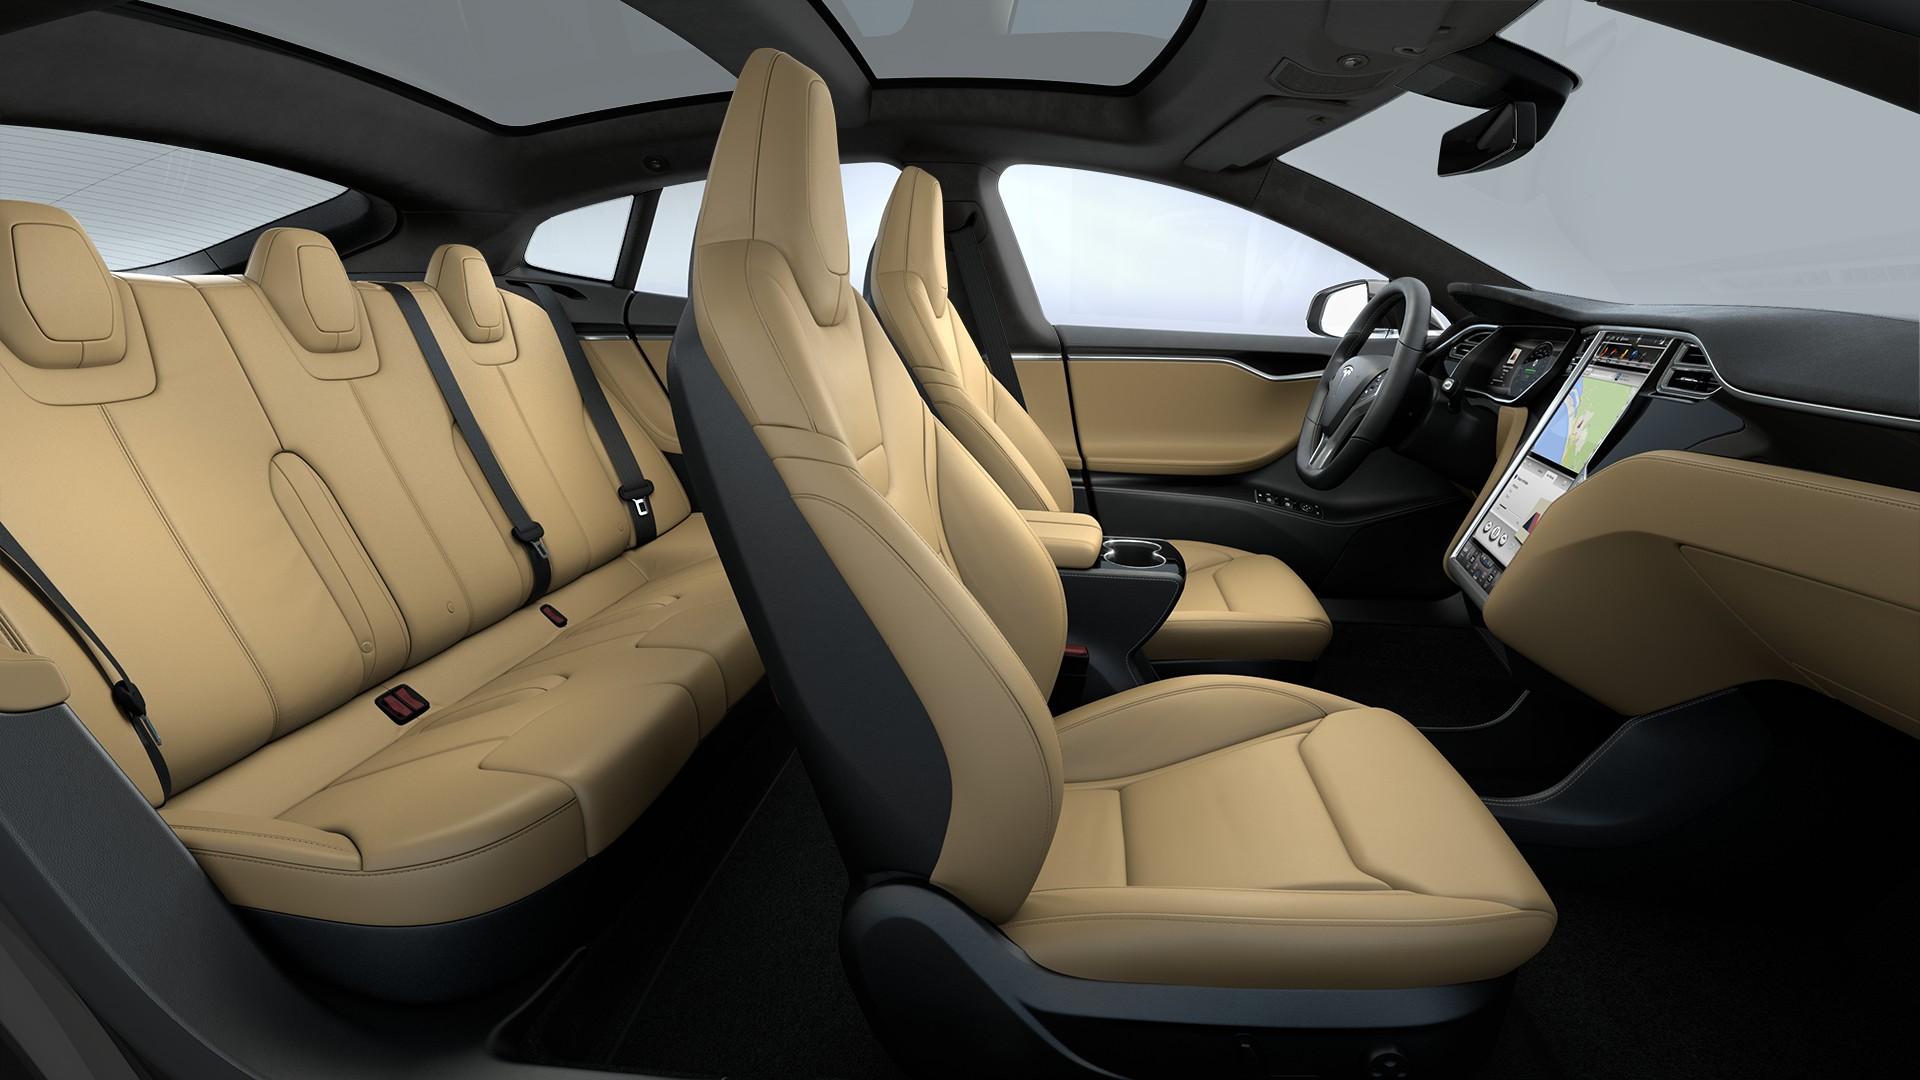 Interieur Piano Black Decor Tan Next Generation Seats Black Alcantara Headliner Alcantara Dashboard Accents